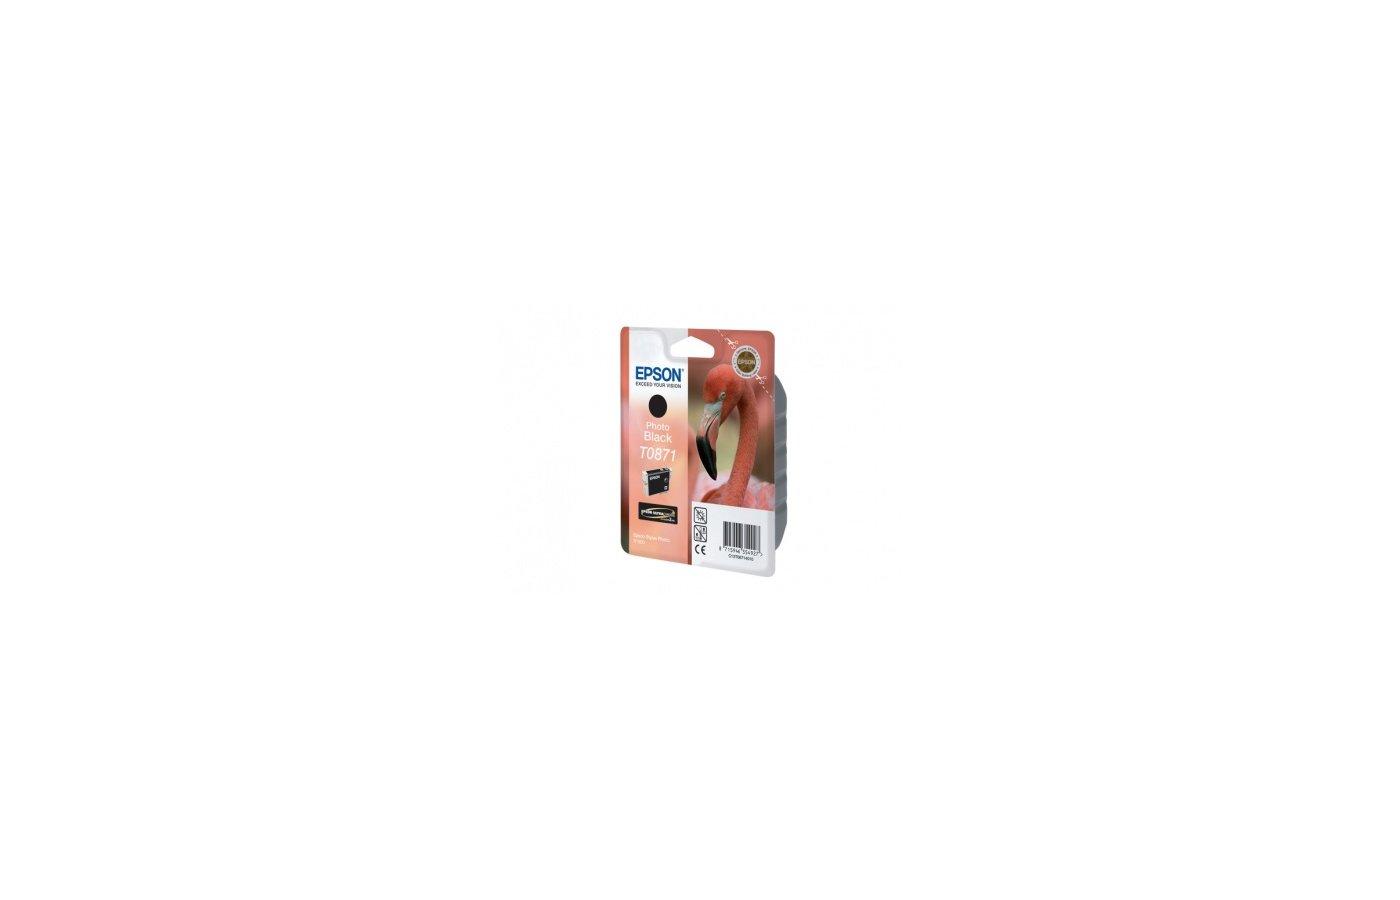 Картридж струйный Epson C13T087140 черный для Stylus Photo R1900